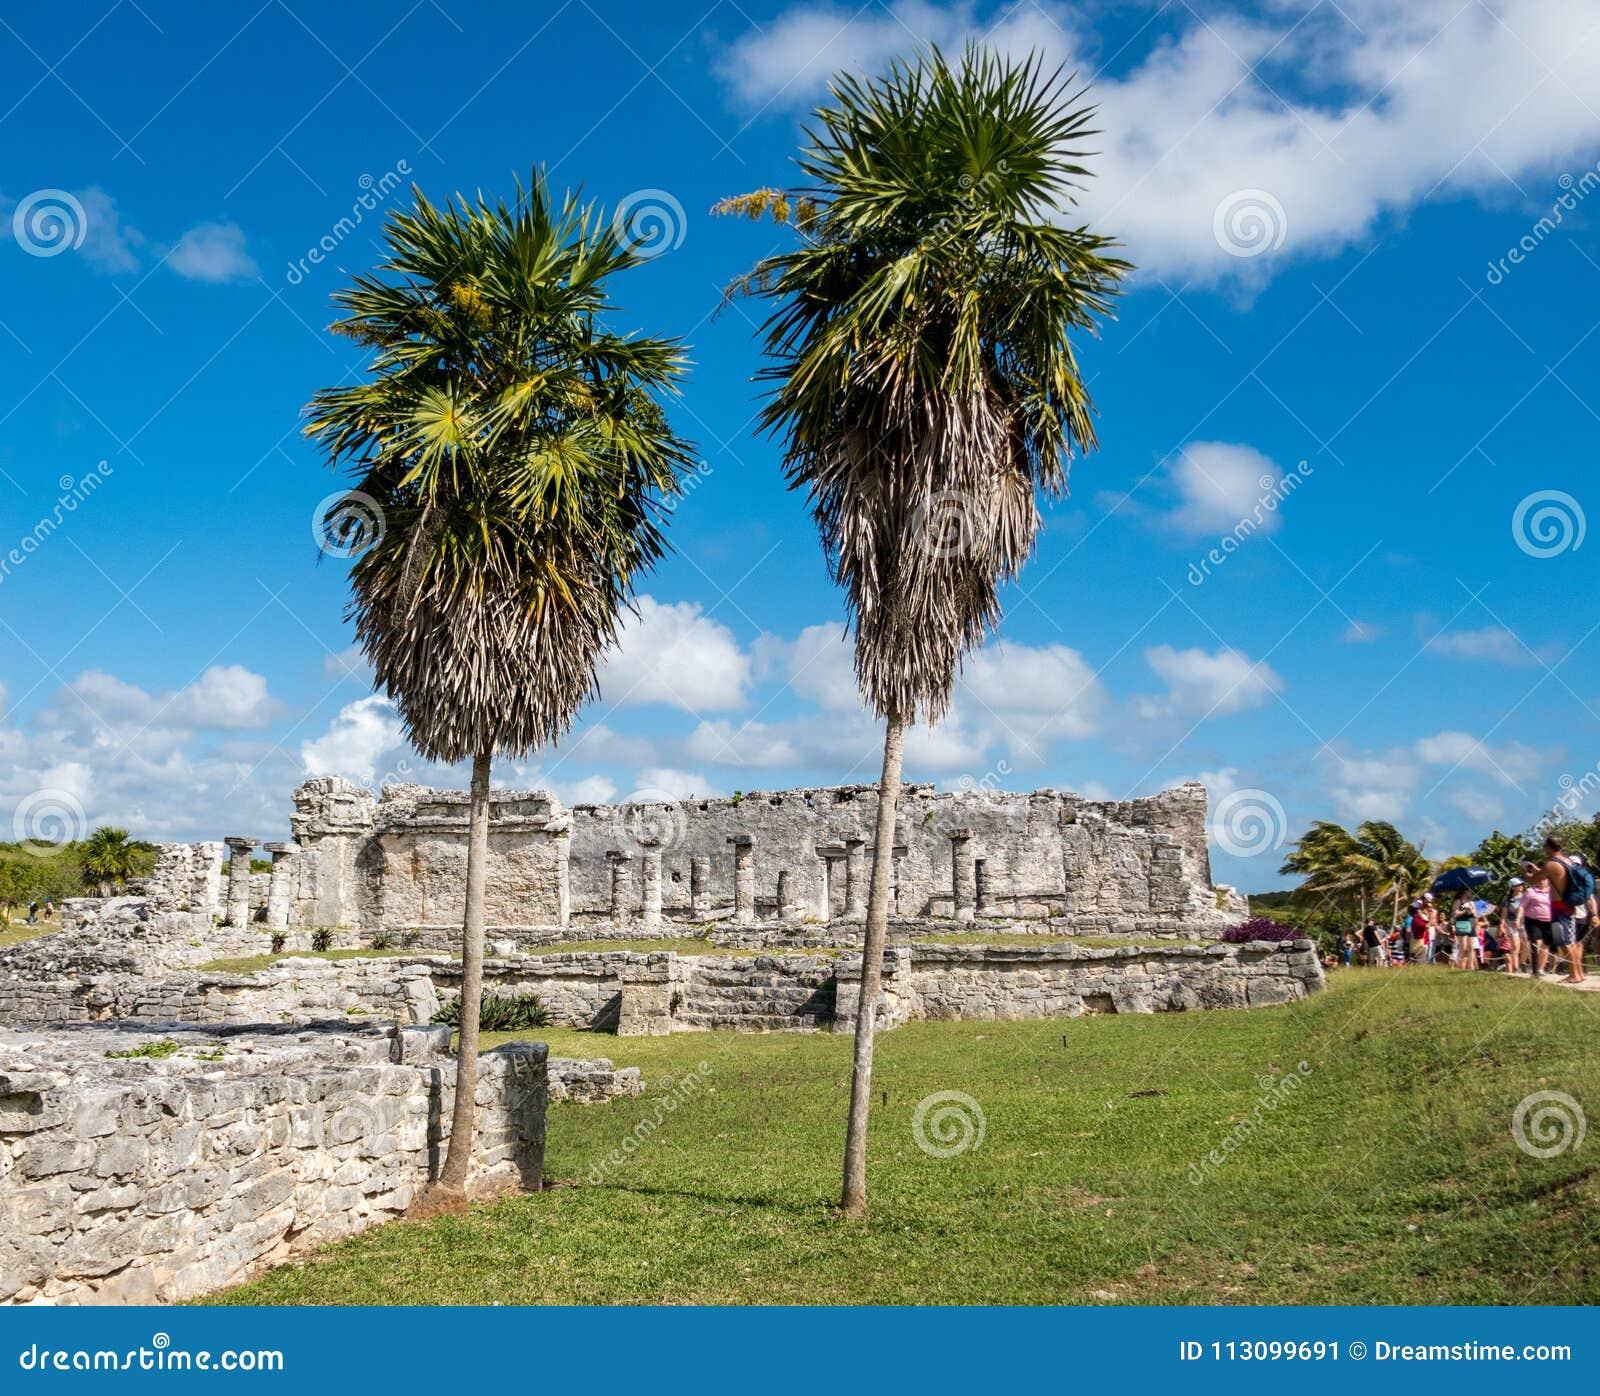 Дом столбцов с 2 высокорослыми пальмами на старых майяских руинах Tulum в Мексике